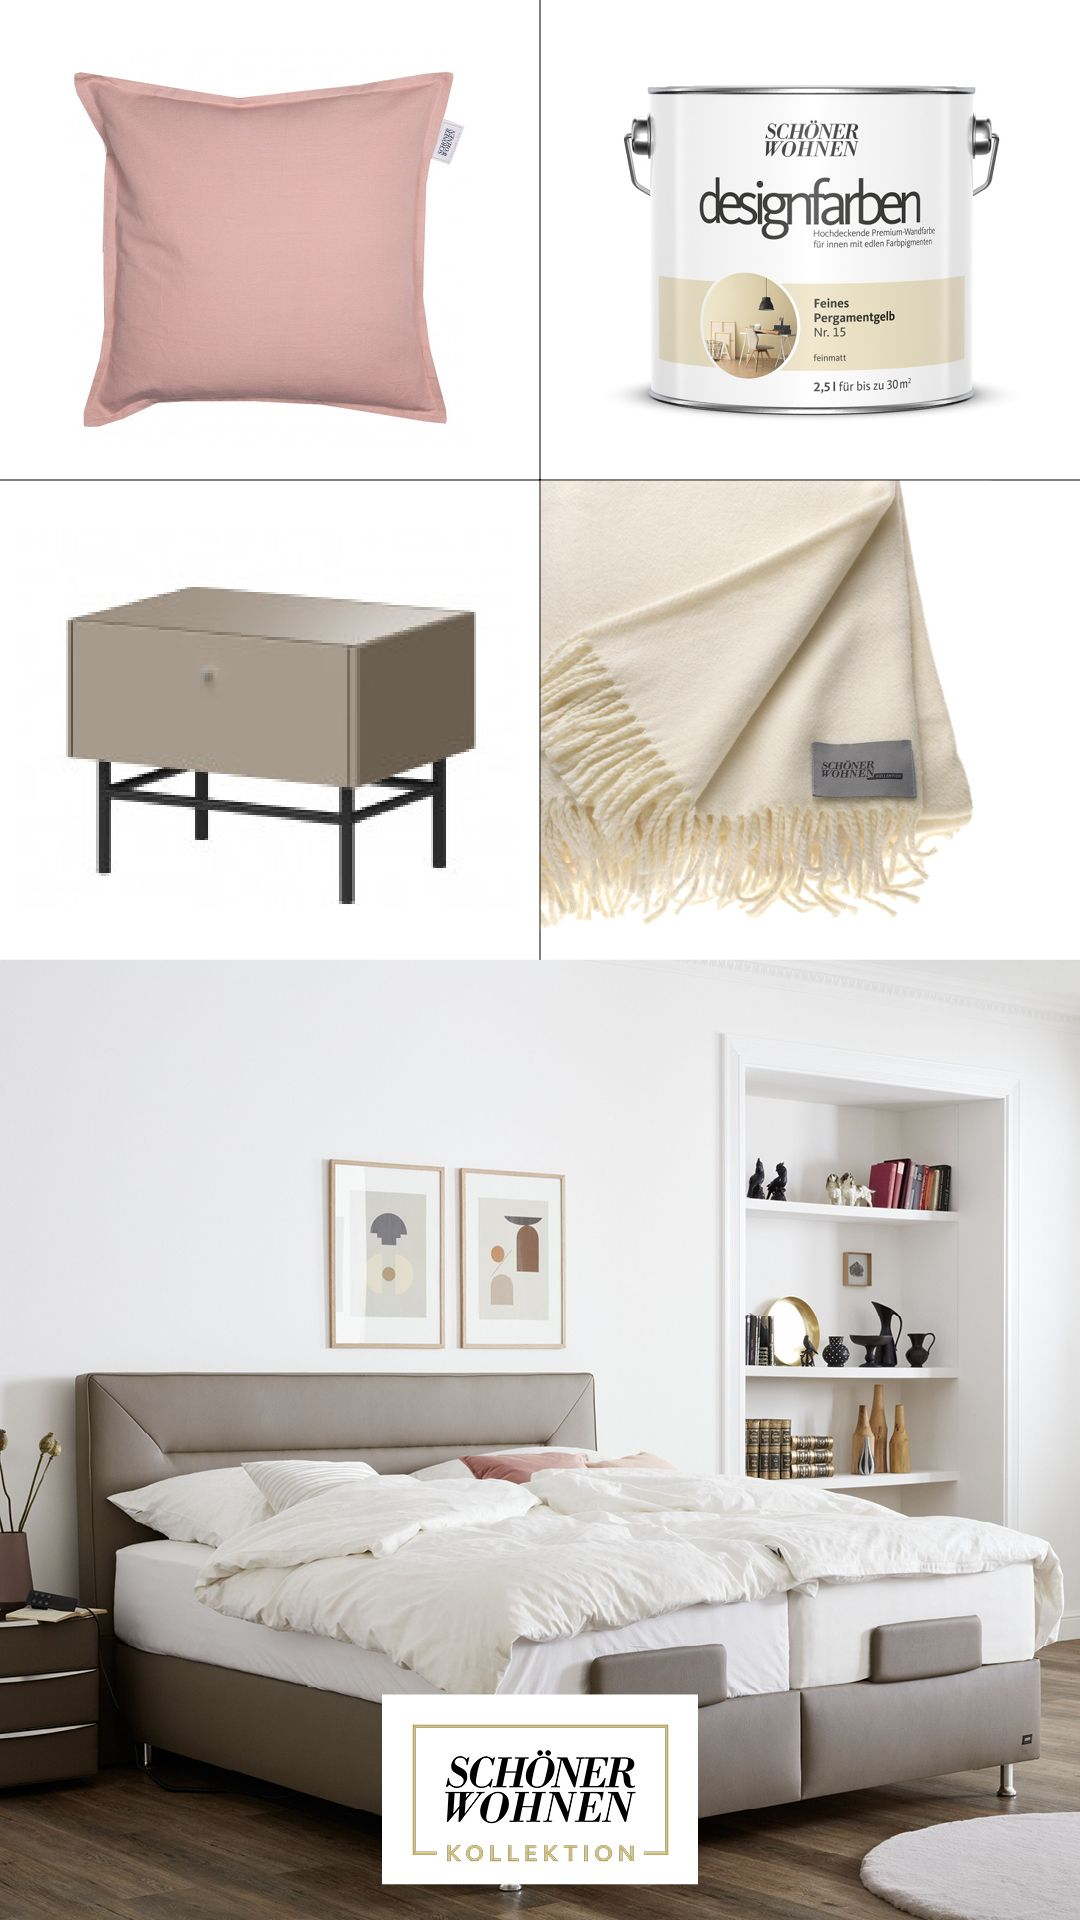 Schoner Wohnen Kollektion Boxspringbett Ever Wohnen Schlafzimmer Einrichten Warme Bettwasche